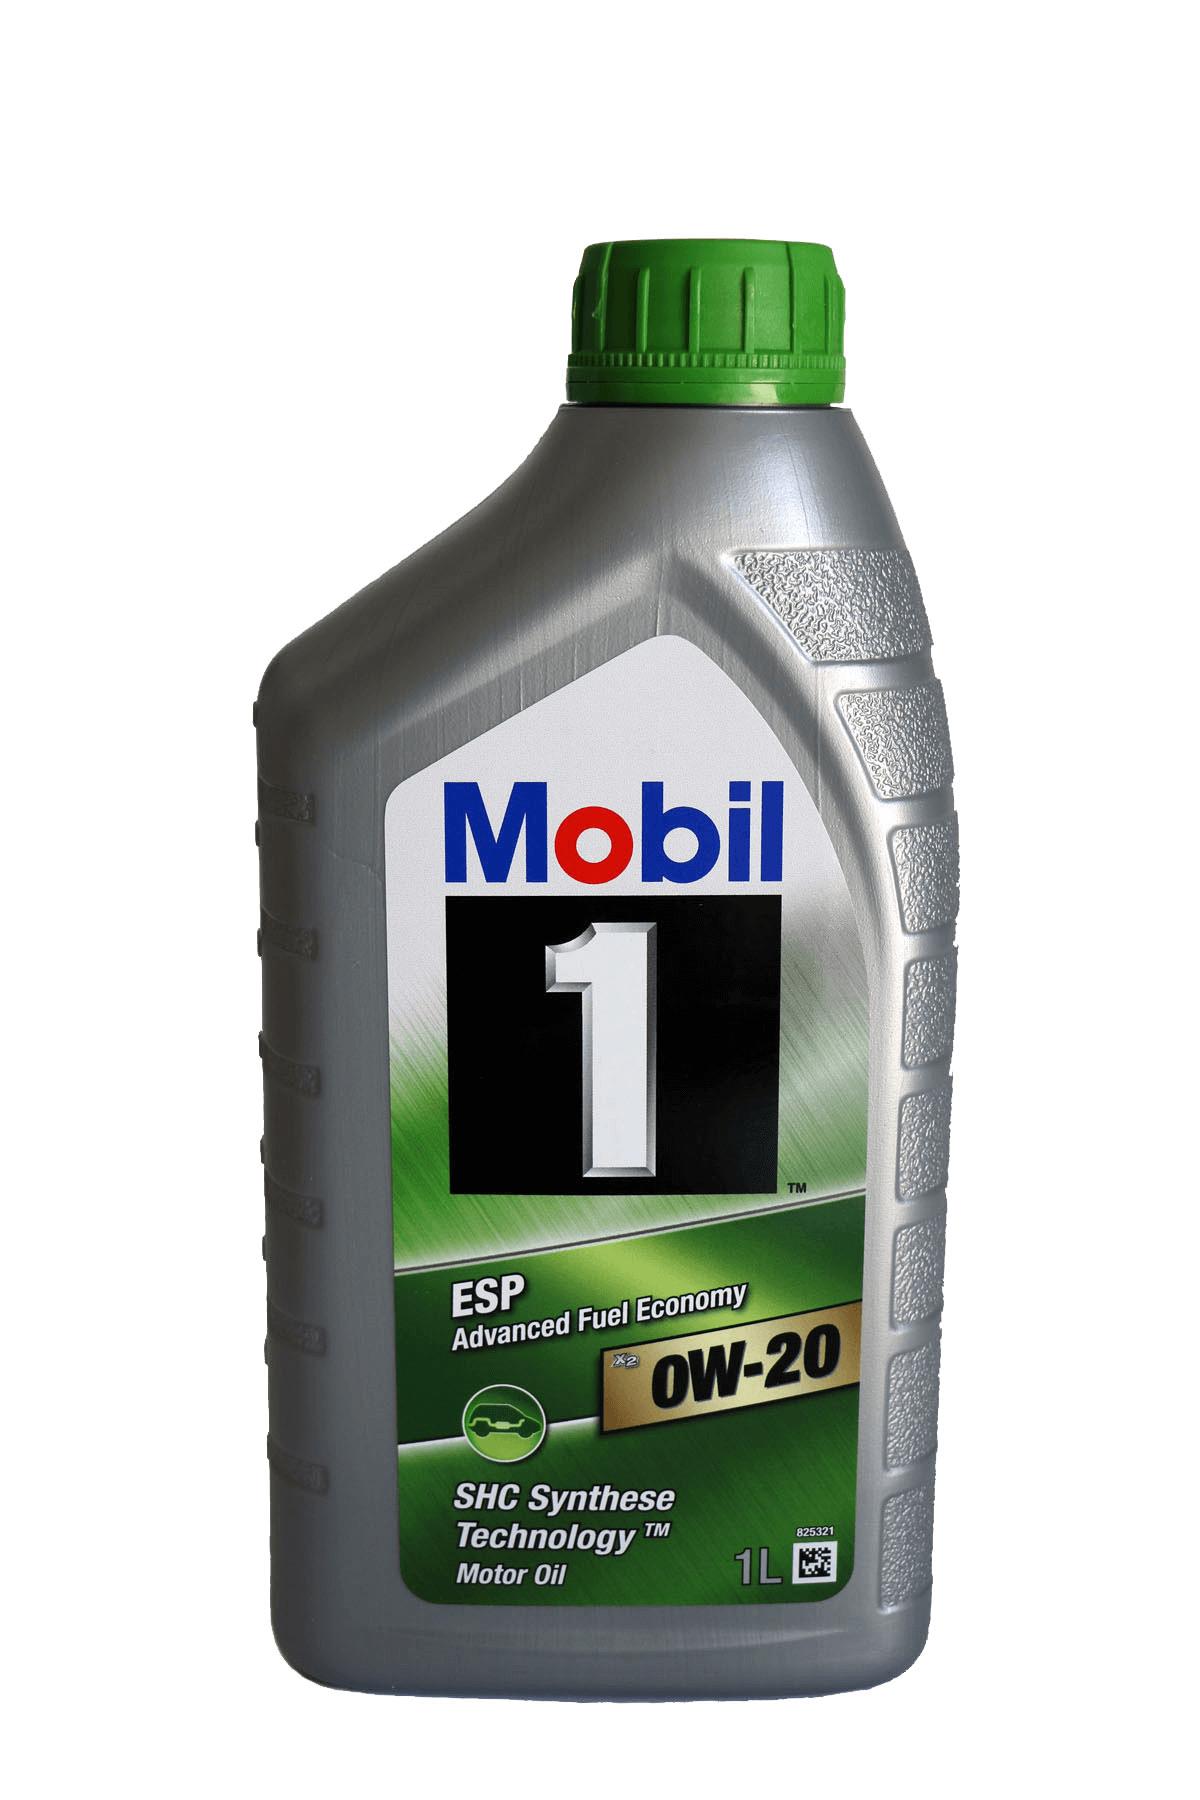 Mobil 1 ESP x2 0W-20 Motoröl, 1l